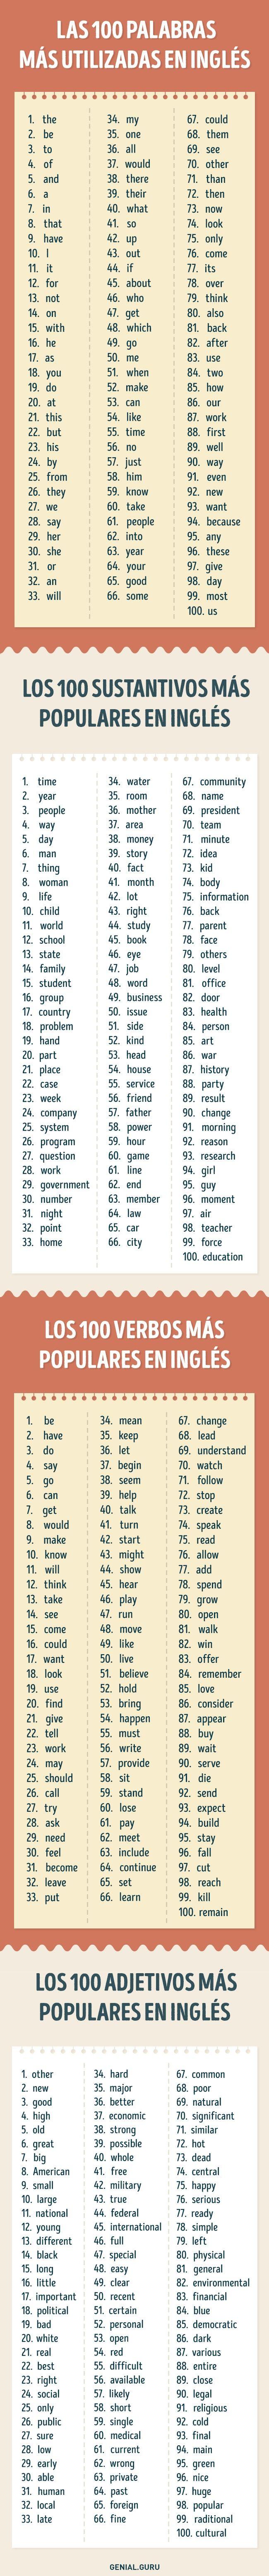 Diálogos en inglés gracias a las palabras más usadas